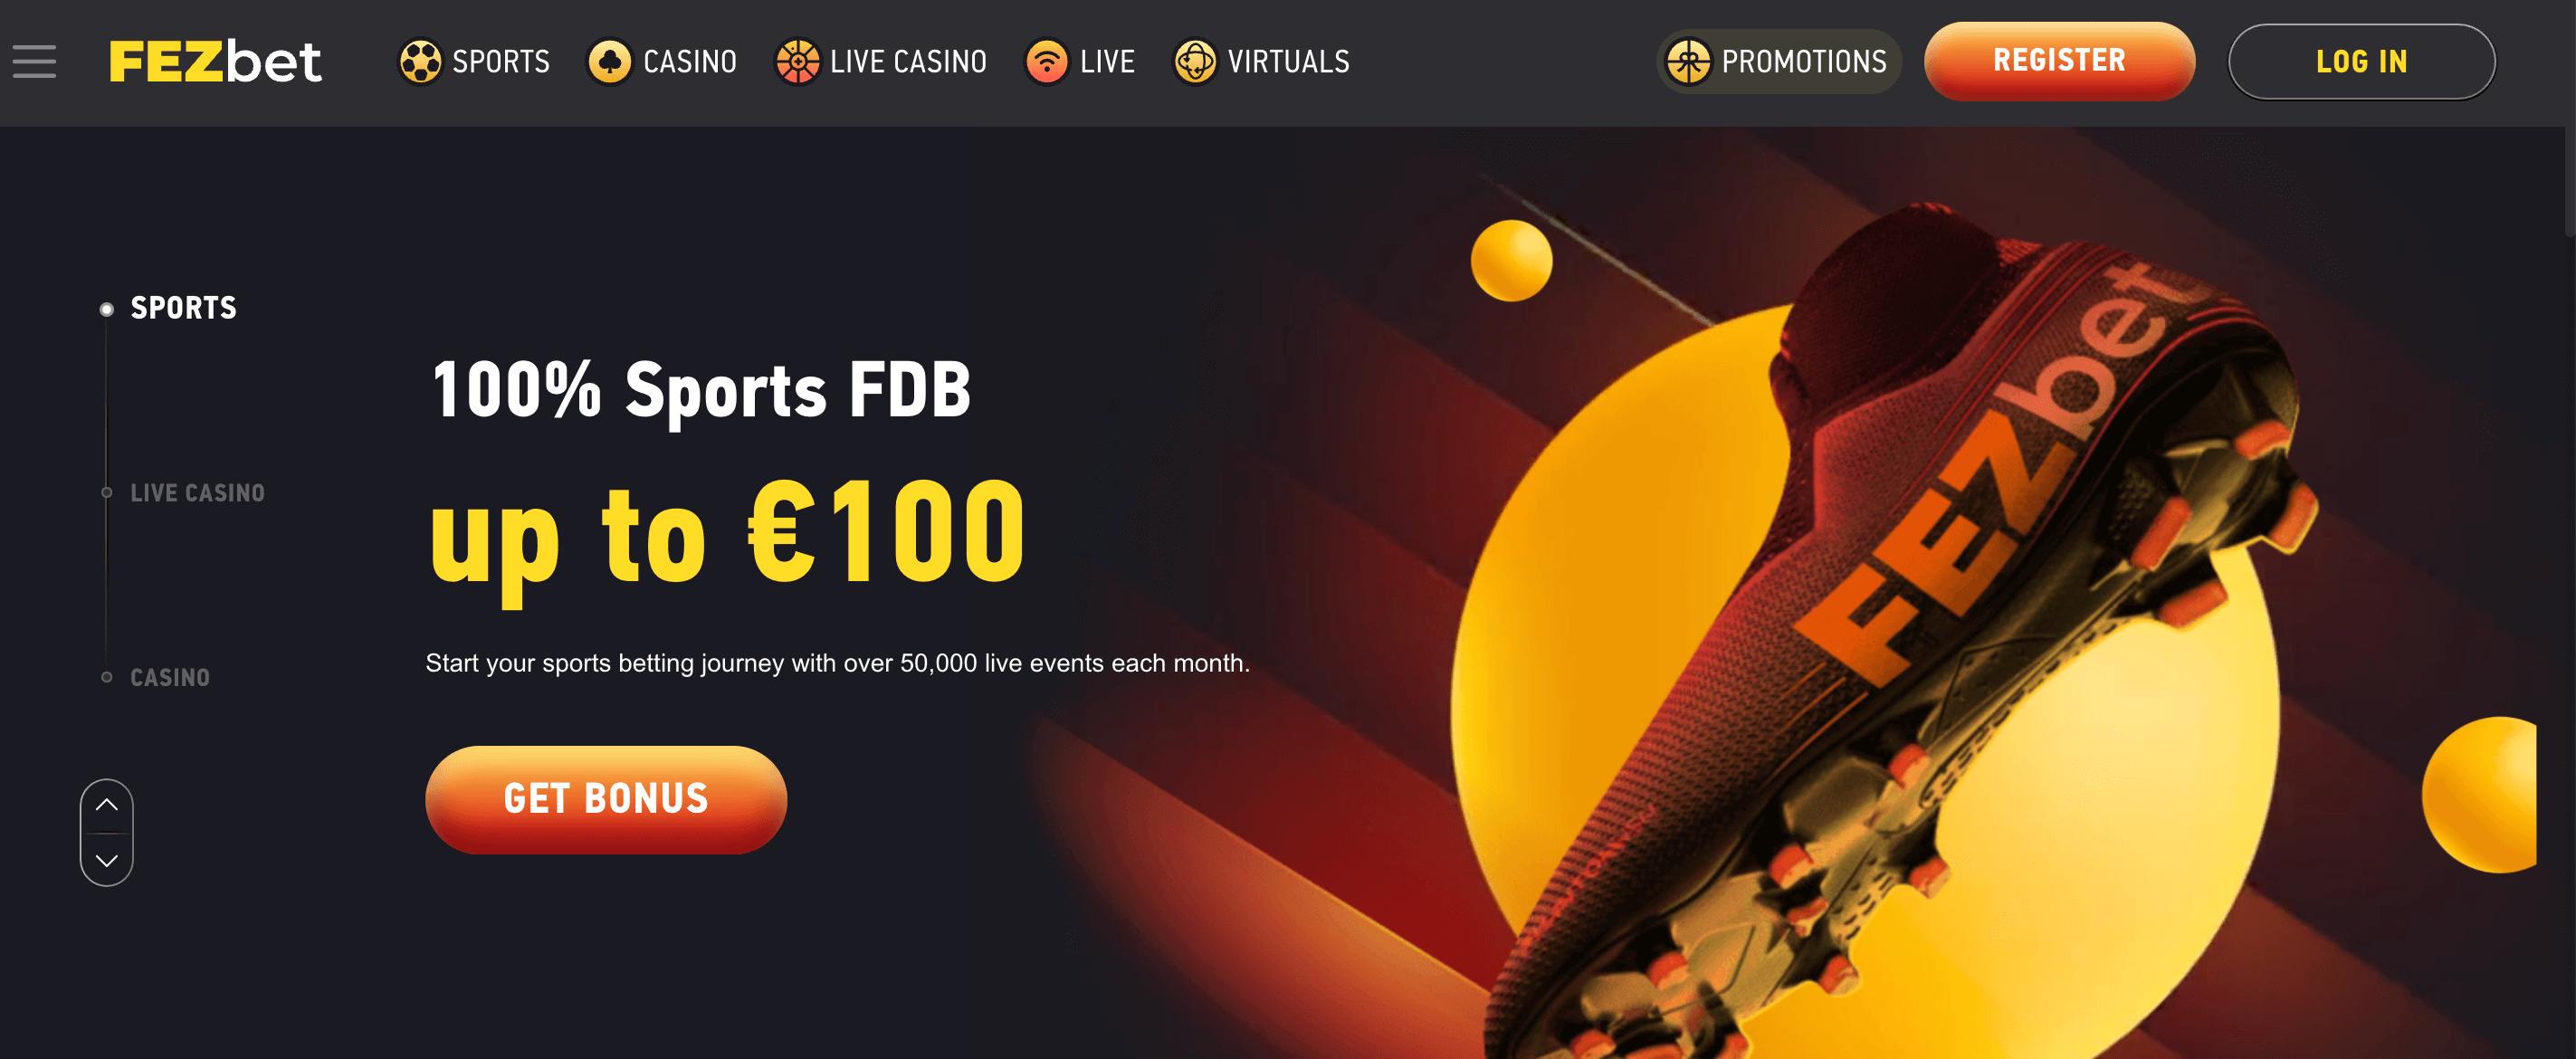 Fezbet homepage